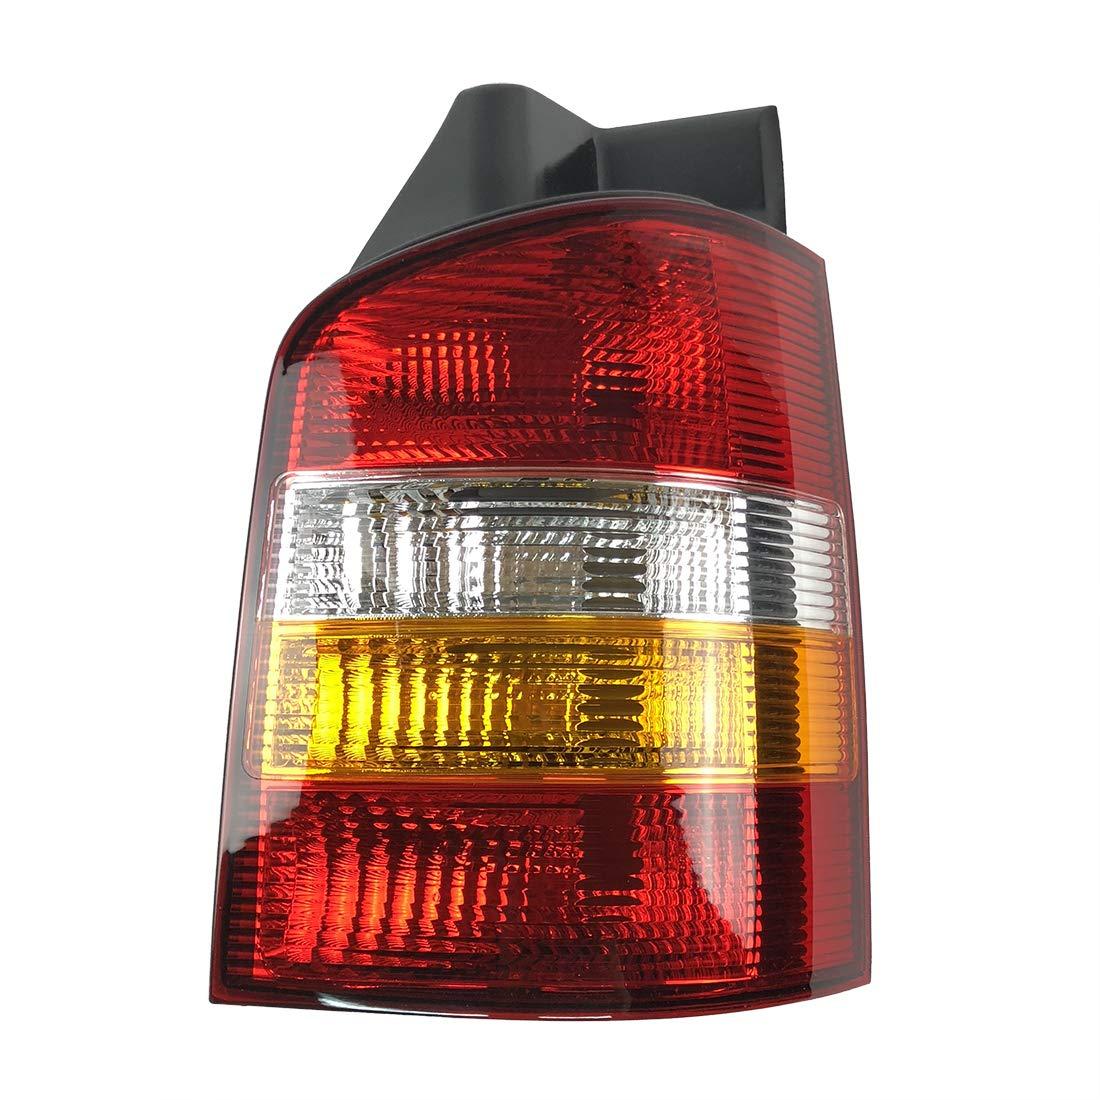 PICFA 7H5945095 ABS-Kunststoff R/ücklicht Abdeckung Links f/ür Volkswagen Vw T5 Transporter Multivan Caravelle California 03-09 Gelb R/ückleuchte